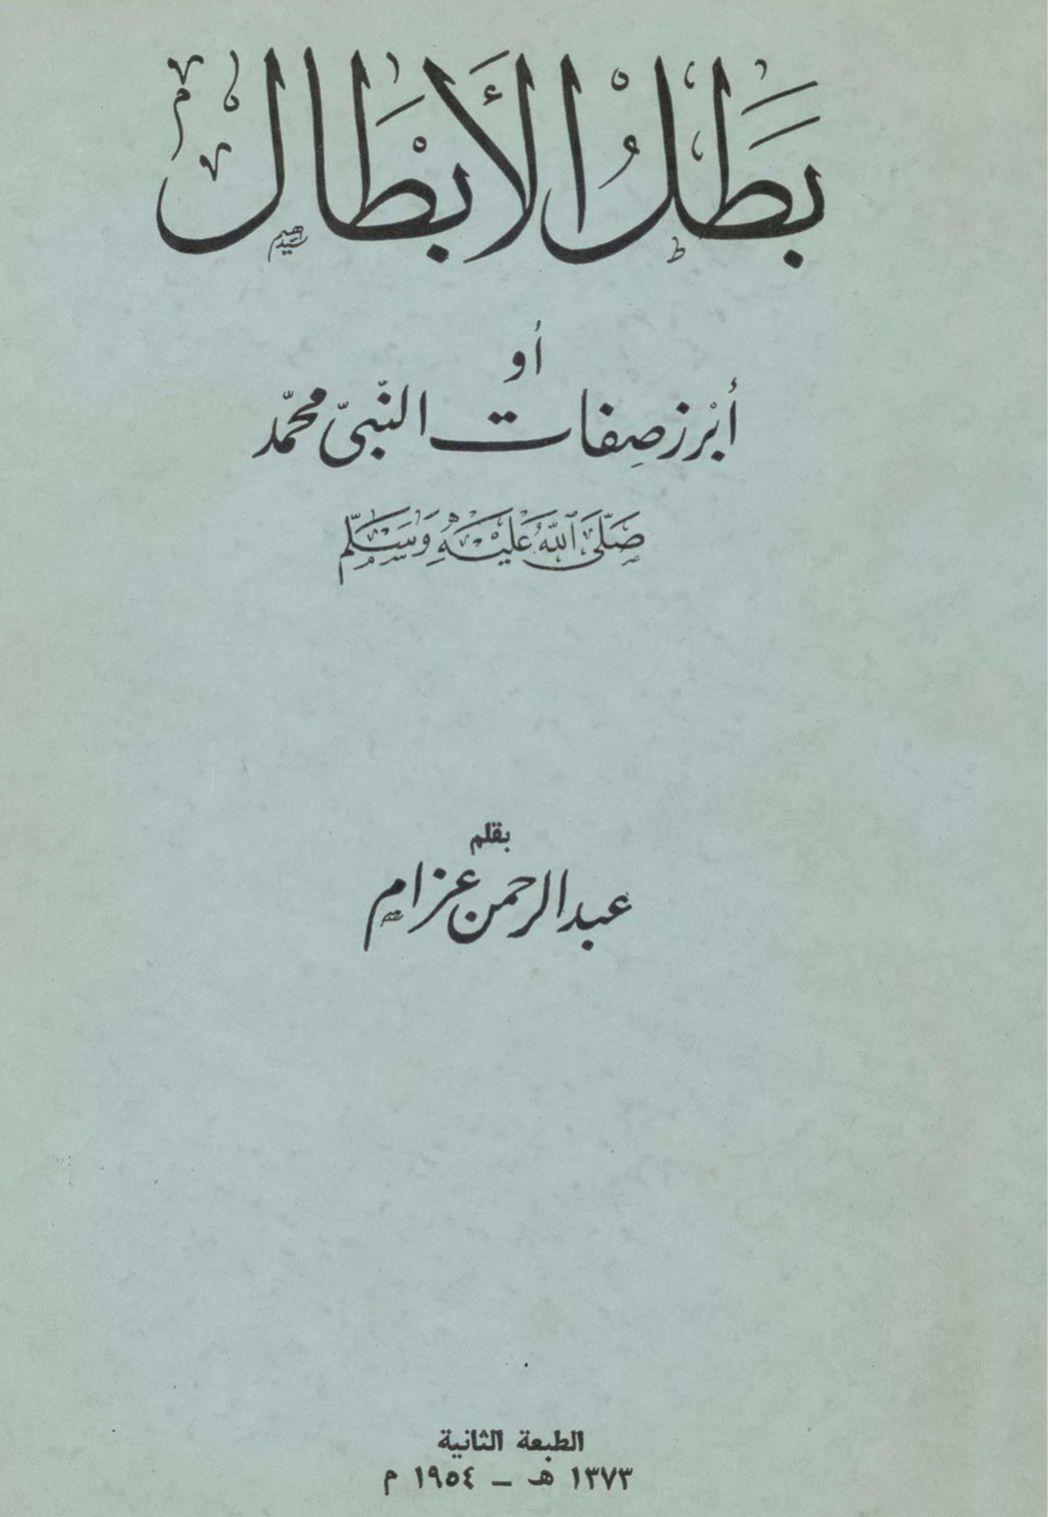 بطل الأبطال في صفات نبينا محمد ﷺ Pdf In 2021 Book Storage Books Kindle Books